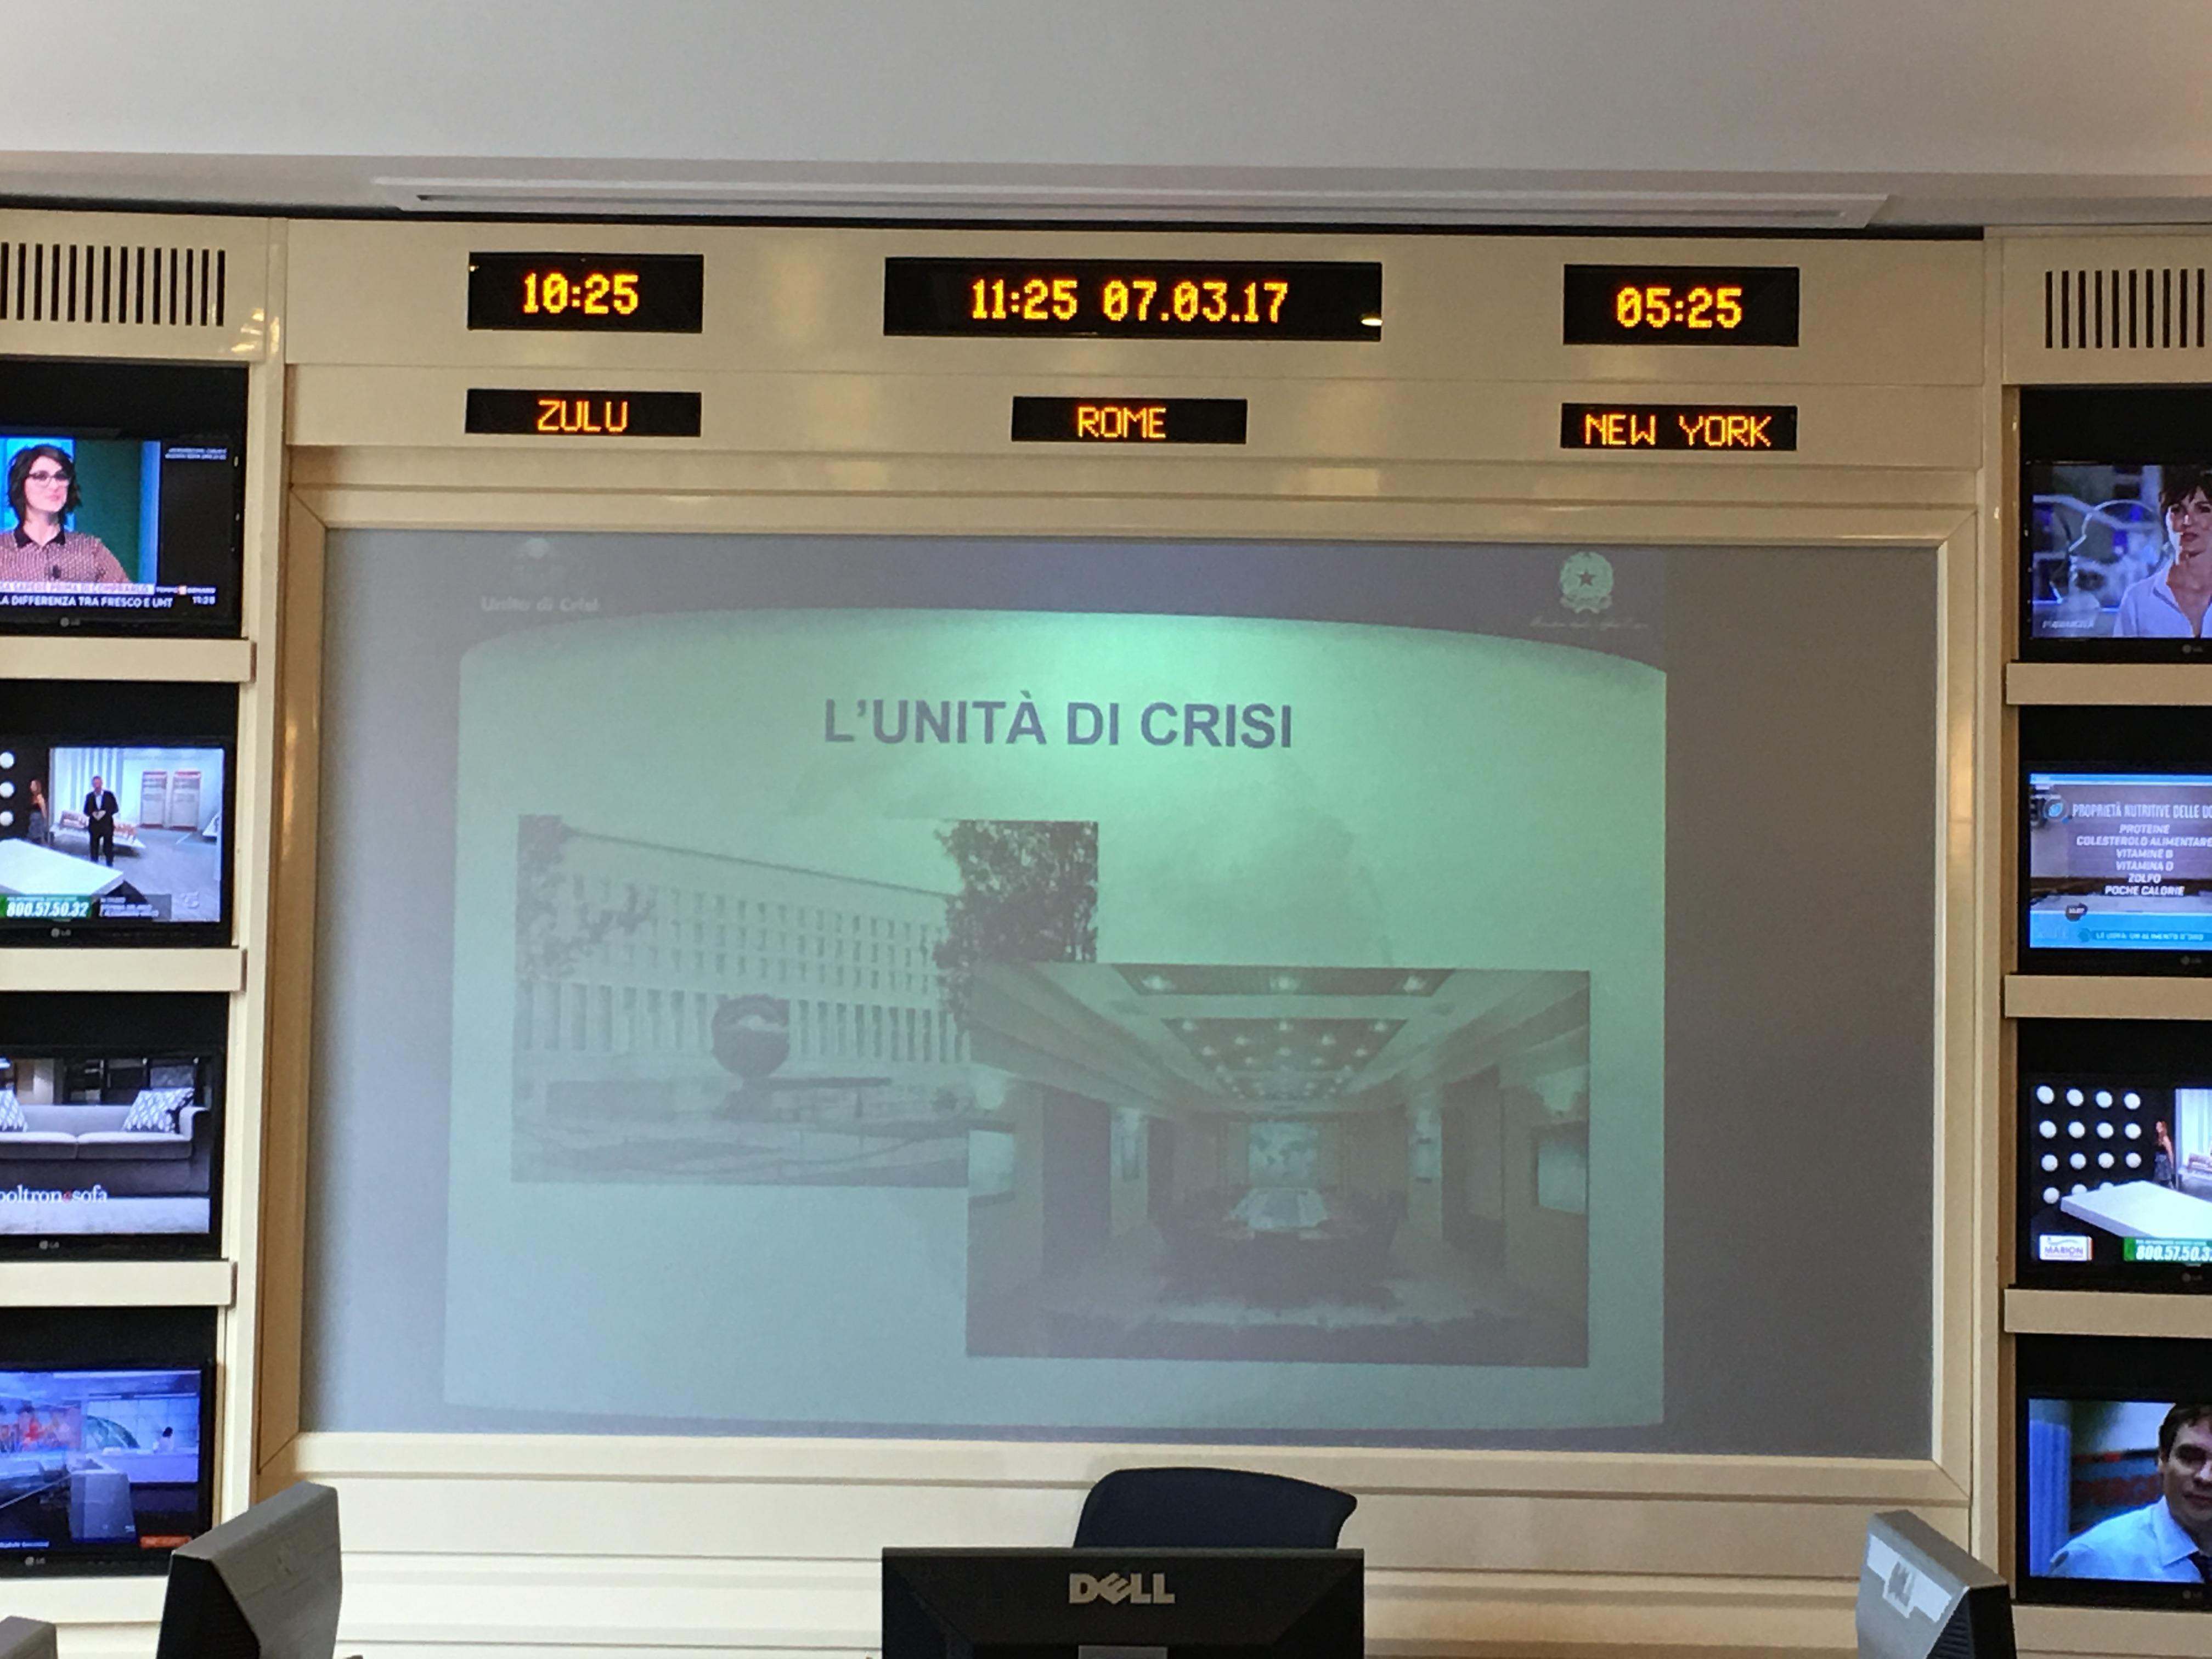 Visita all'Unità di Crisi della Farnesina - Roma